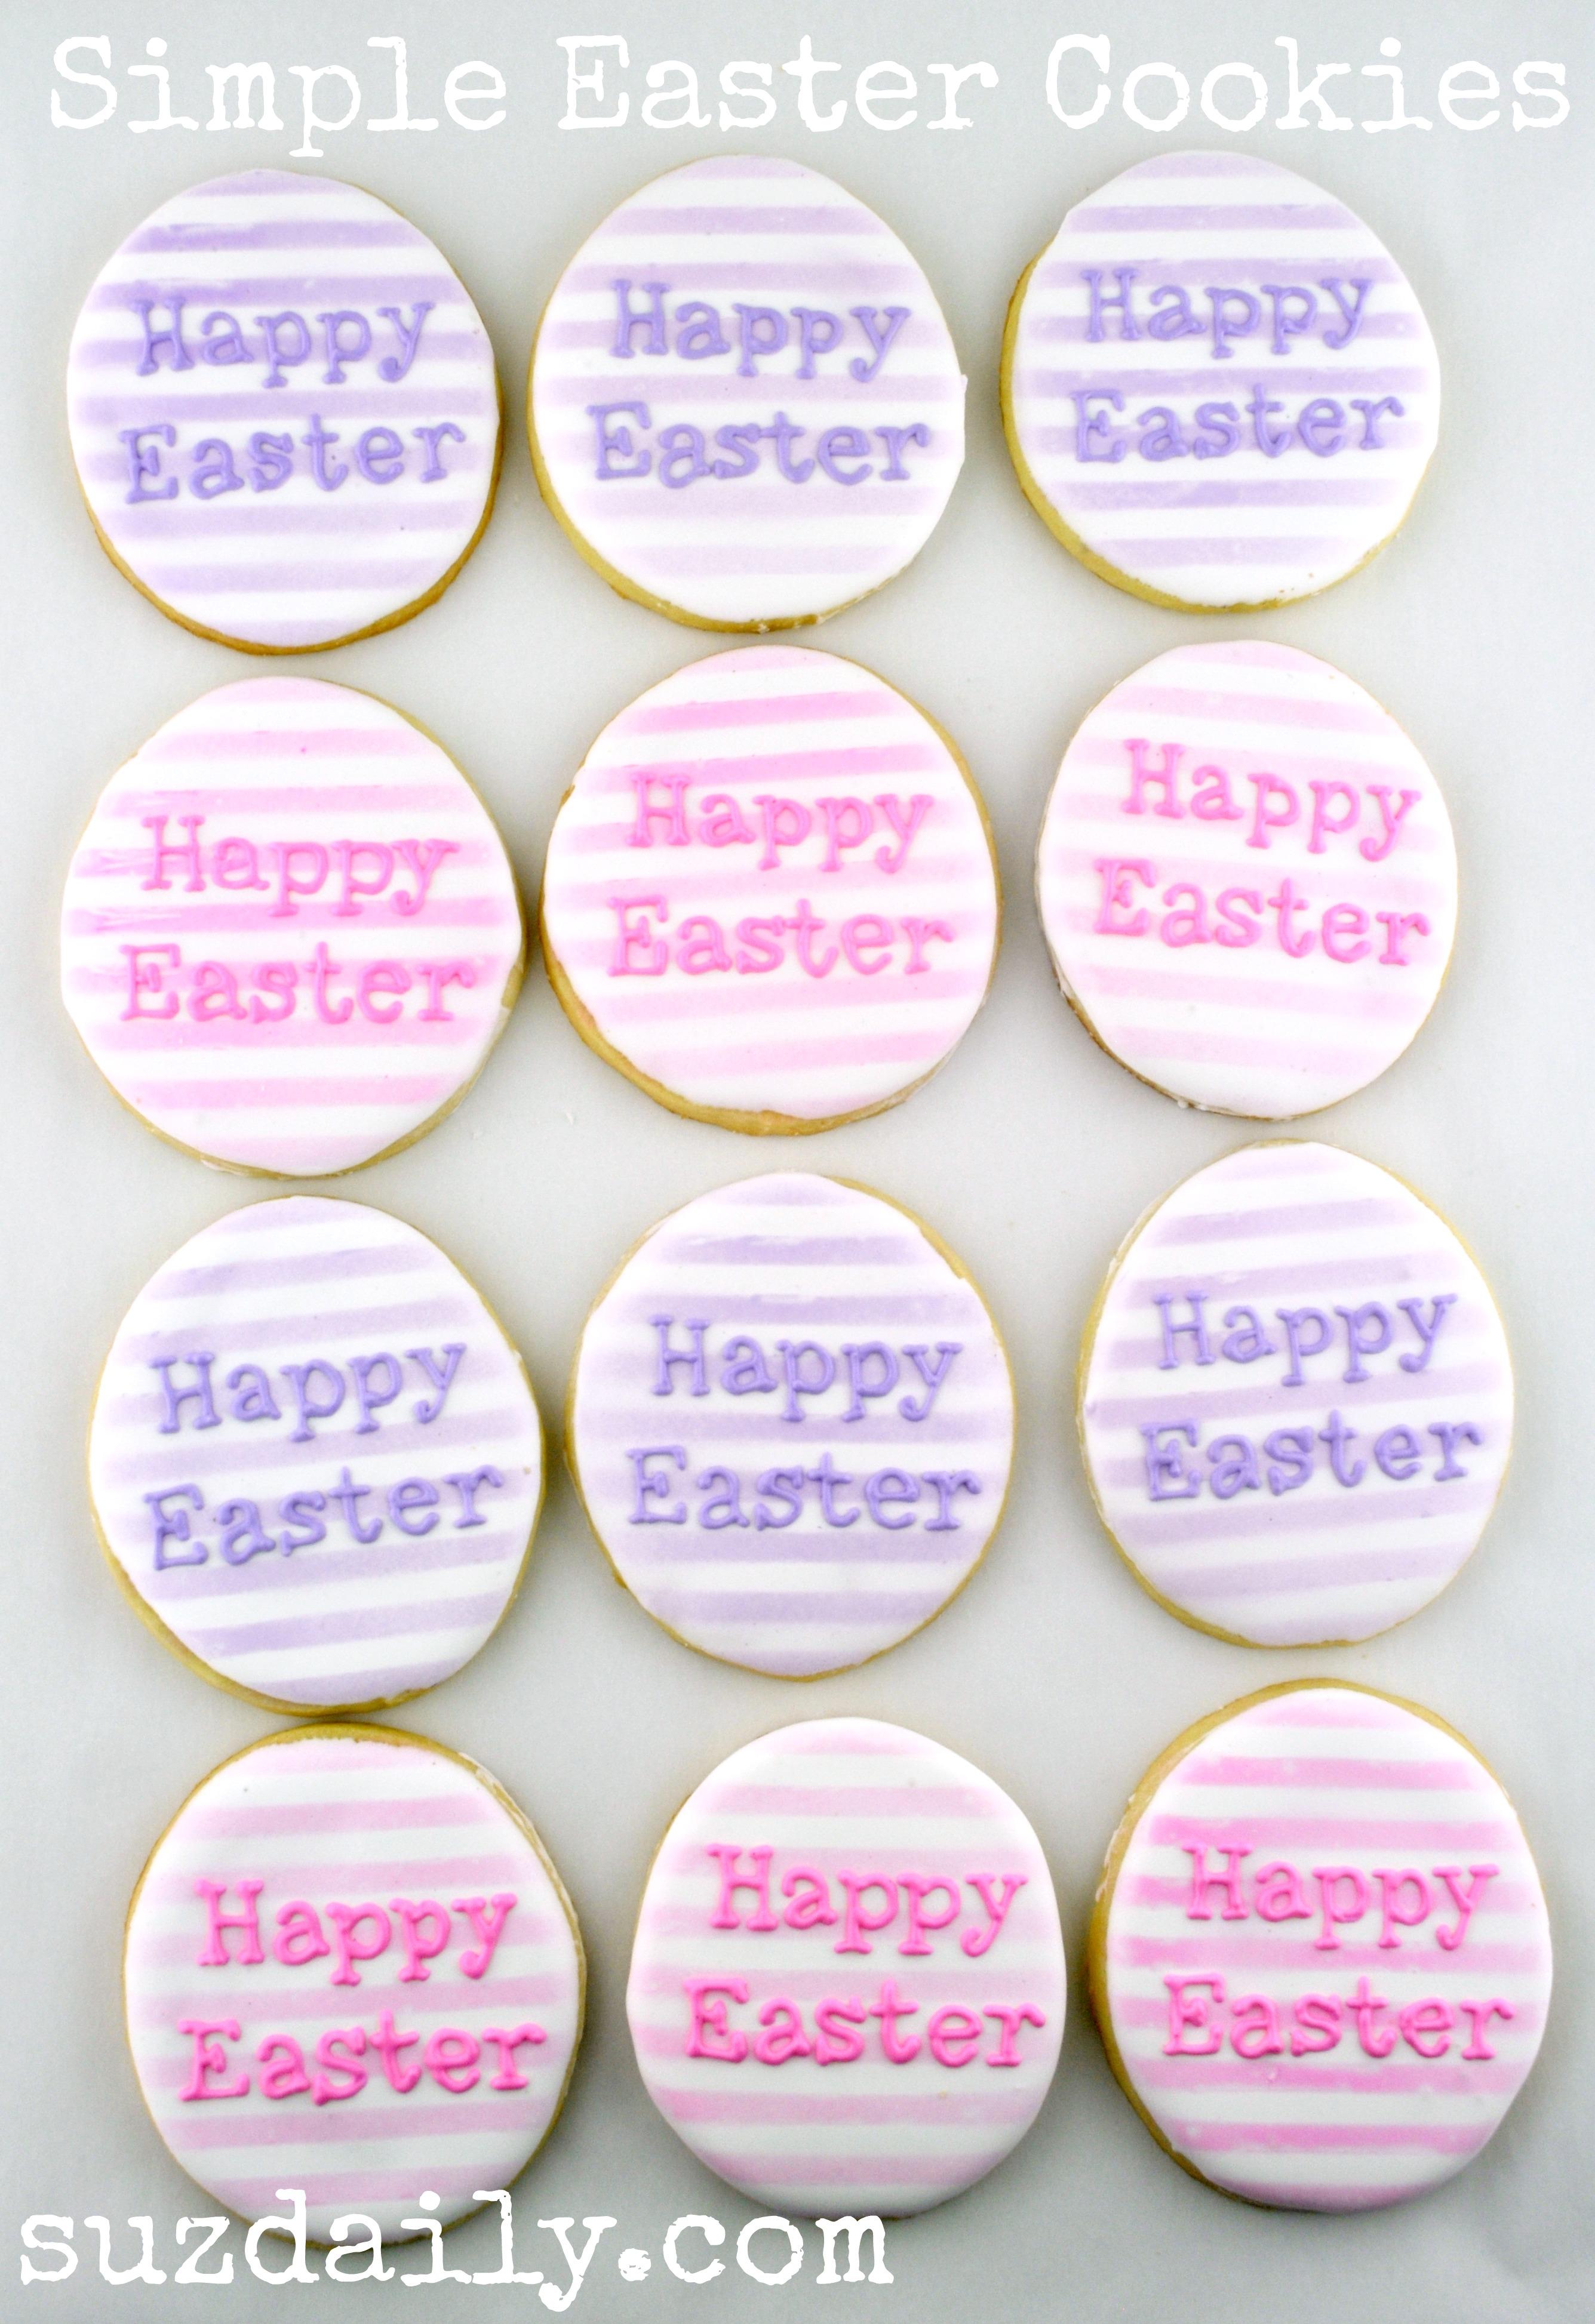 Simple Easter Egg Cookies